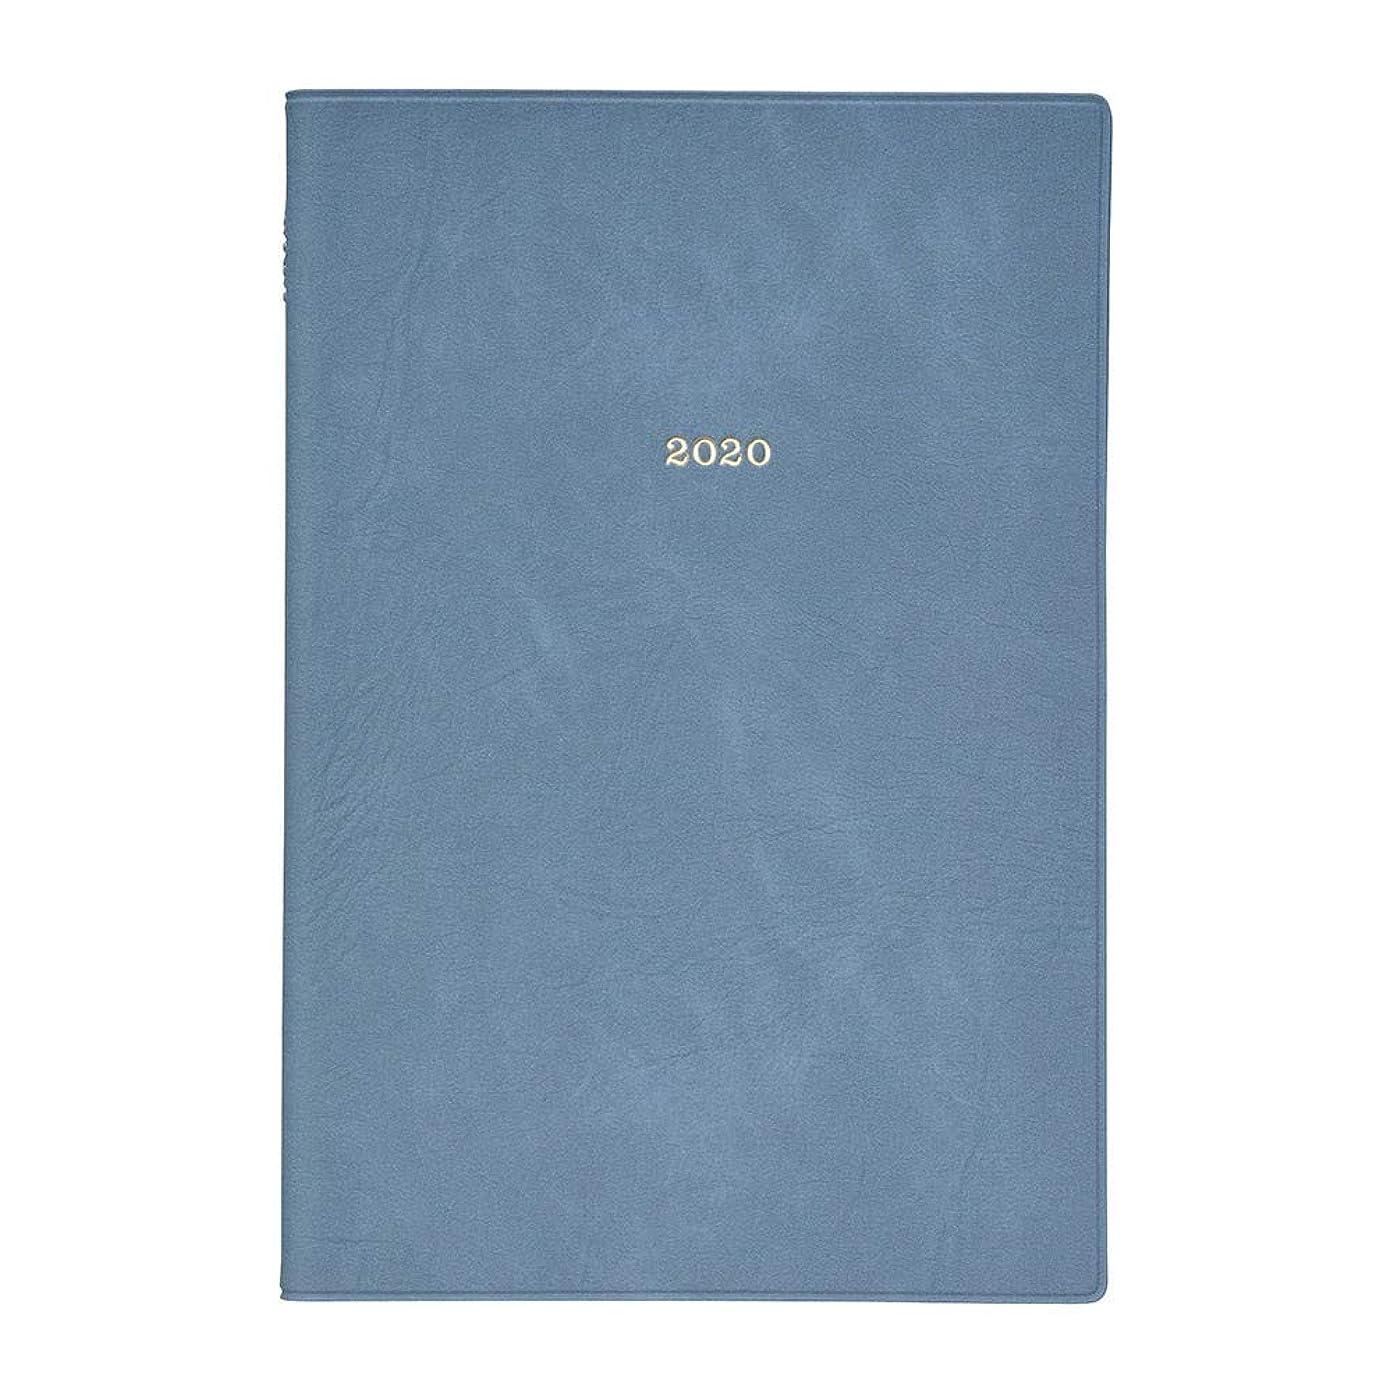 滑るスーパー提供マークス 手帳 2020 EDiT 週間バーチカル 2019年12月始まり B6変型 ニュアンスカラー ブルー 20WDR-ETF02-BL